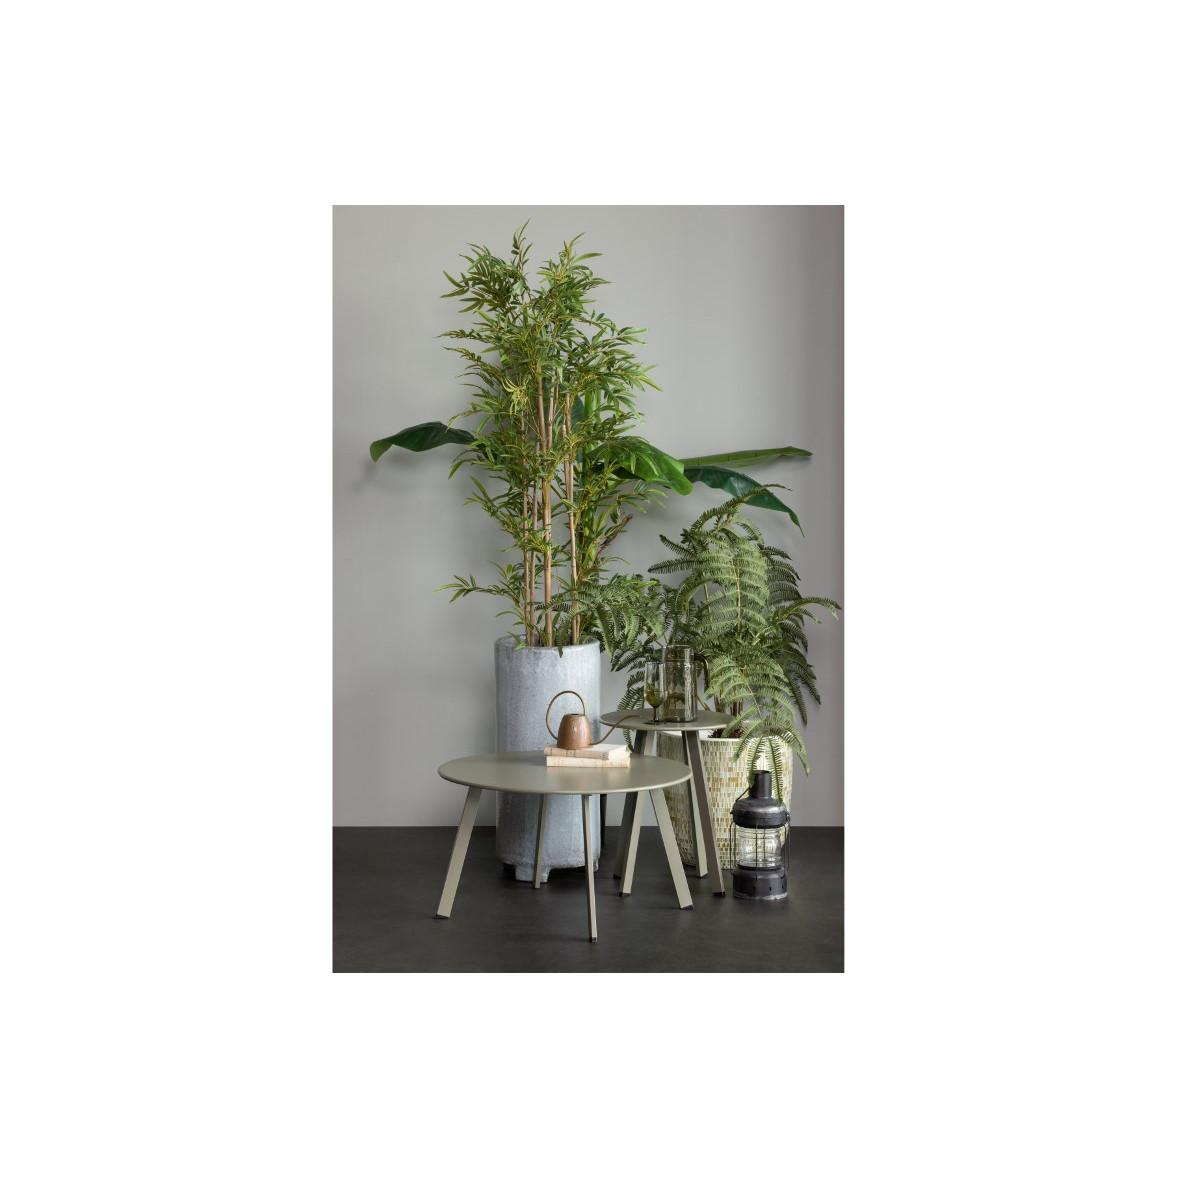 Beistelltisch für Draußen Fer Ø 70 cm | Dschungelgrün